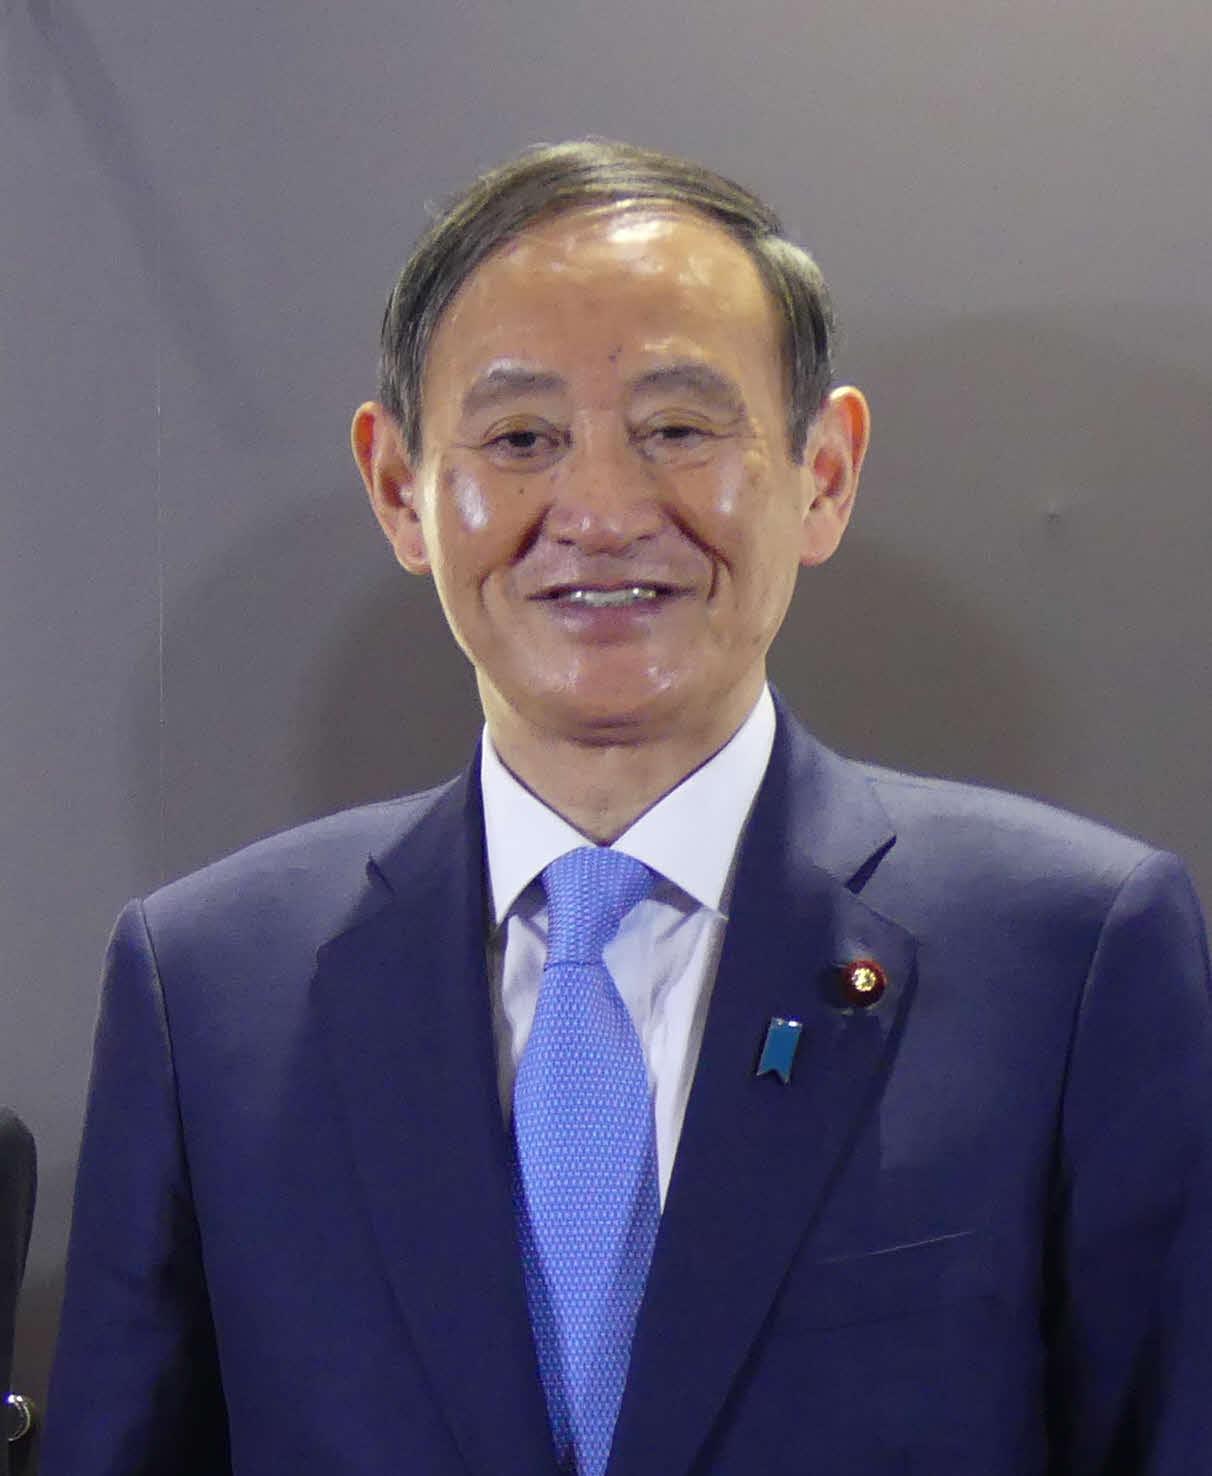 菅義偉官房長官(2019年4月28日撮影)